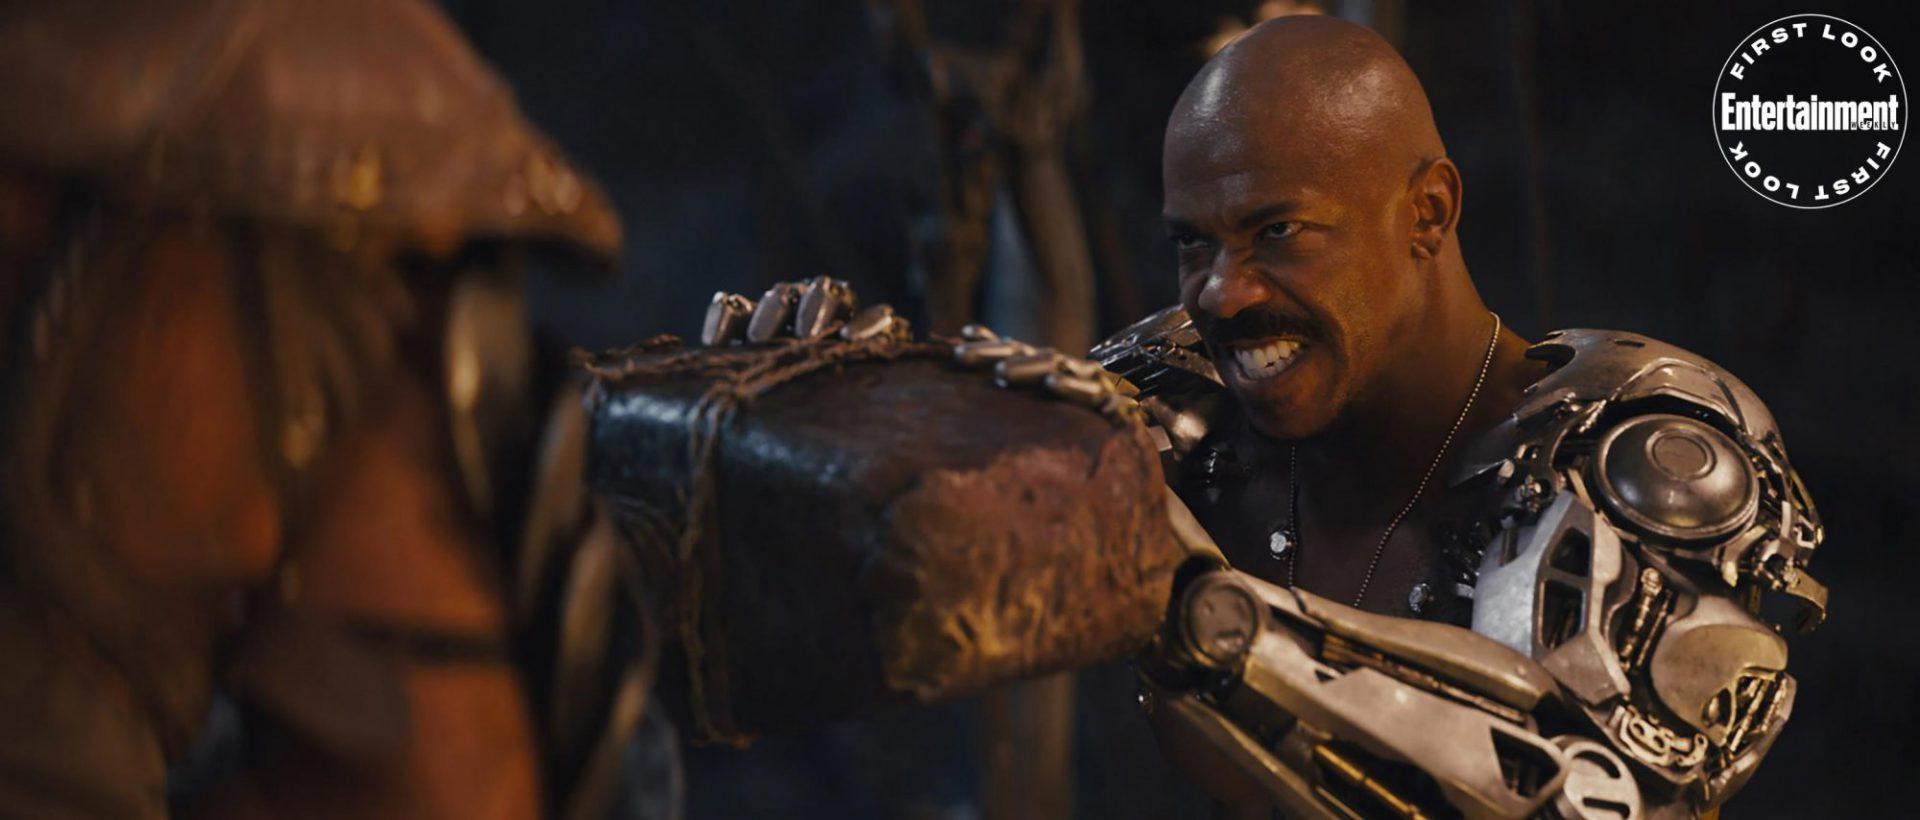 Primeras imágenes del reboot de la película de Mortal Kombat